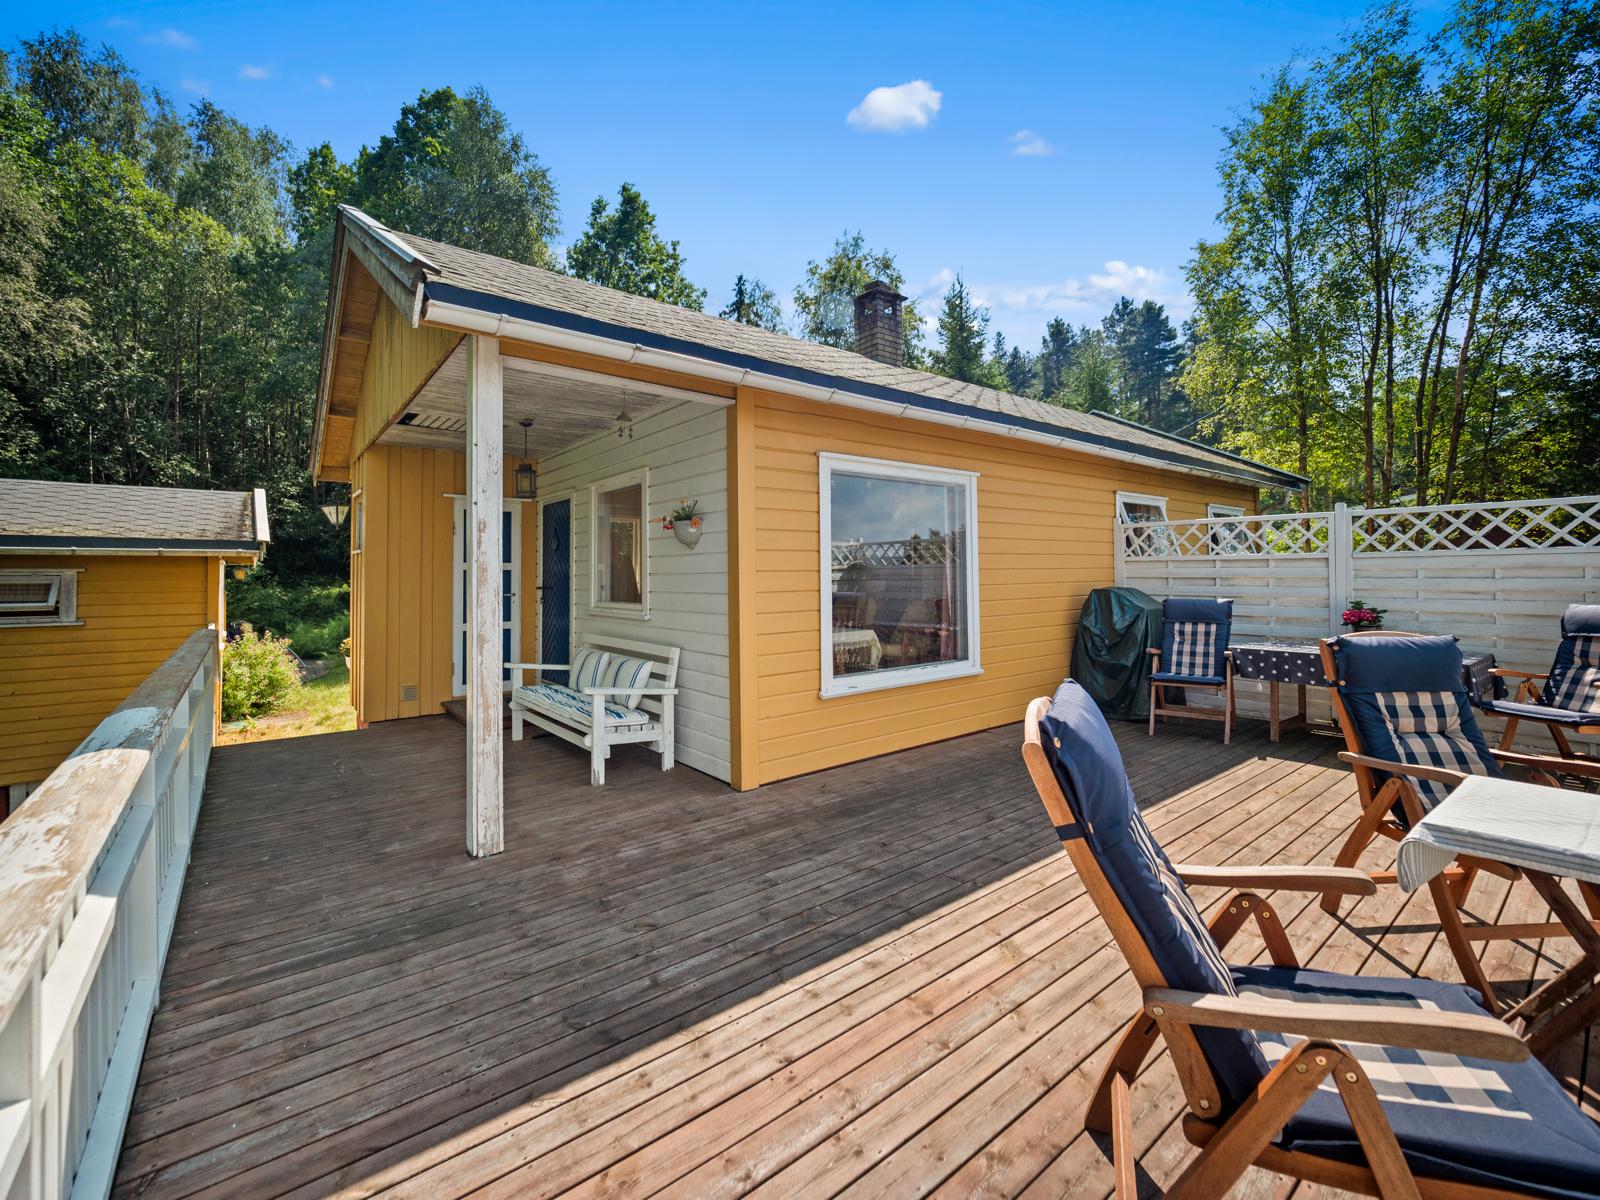 Terrassen er av god størrelse - Perfekt for late dager i solen